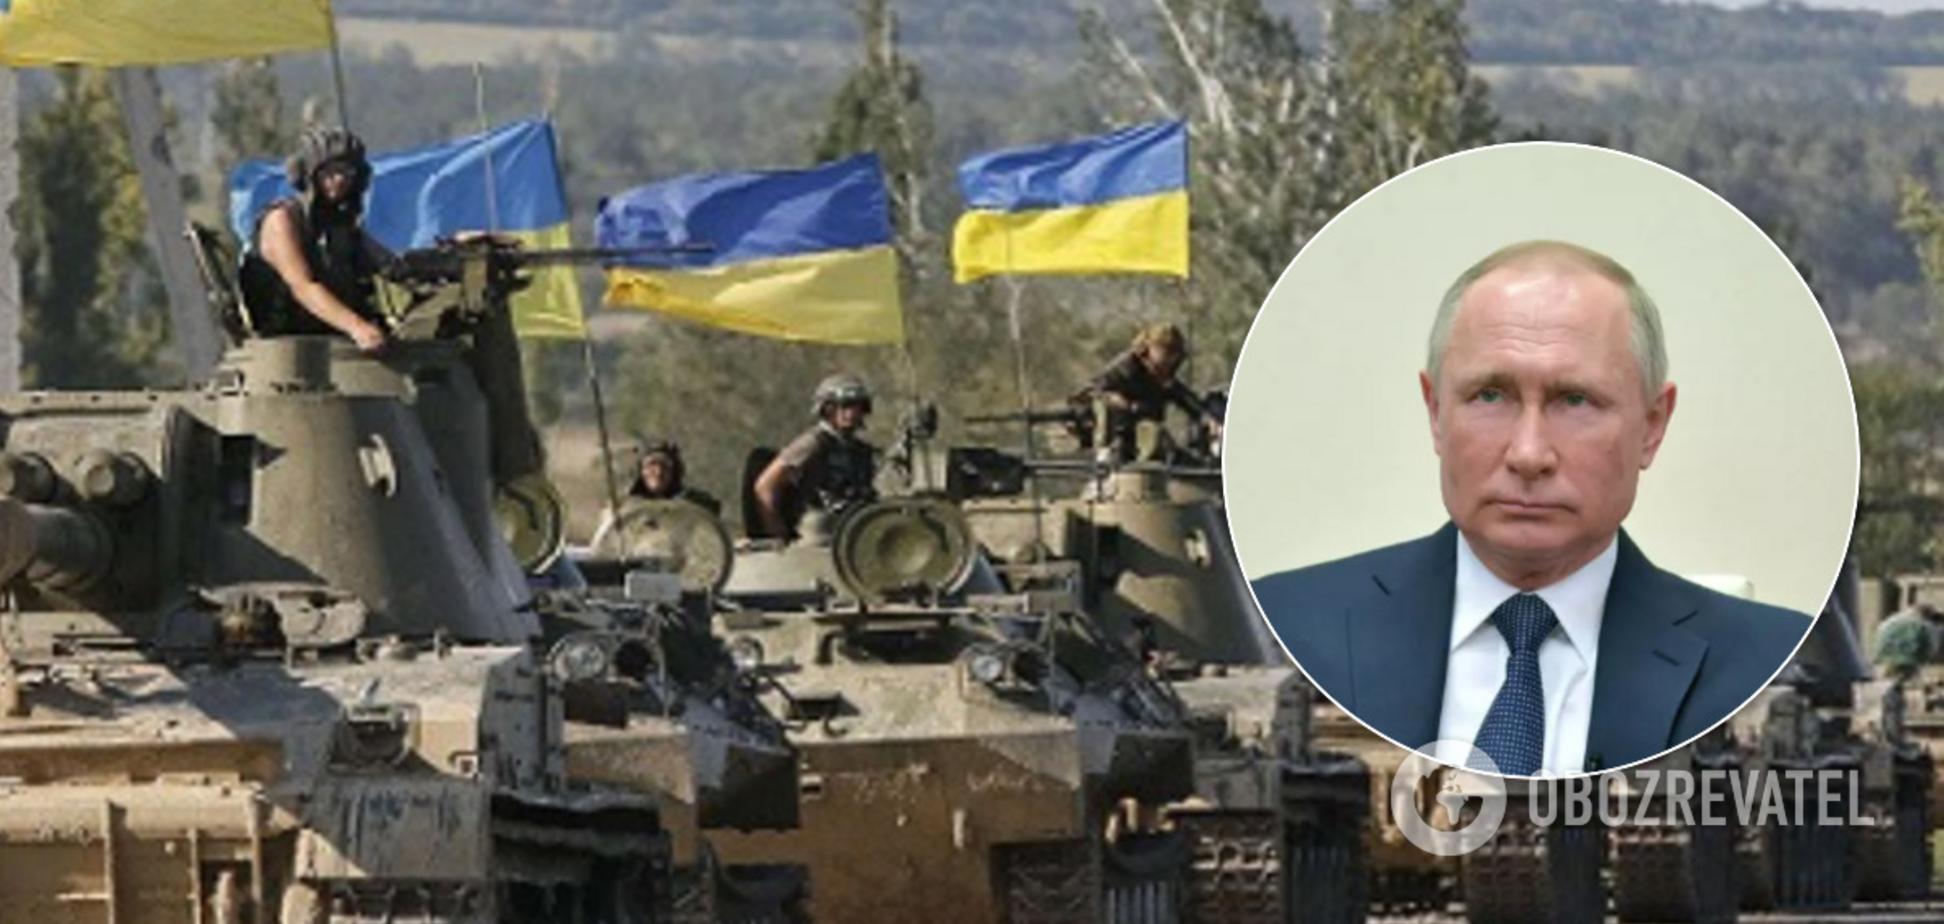 ЗСУ готові до будь-яких дій 'Л/ДНР': штаб ООС зробив заяву про війну на Донбасі